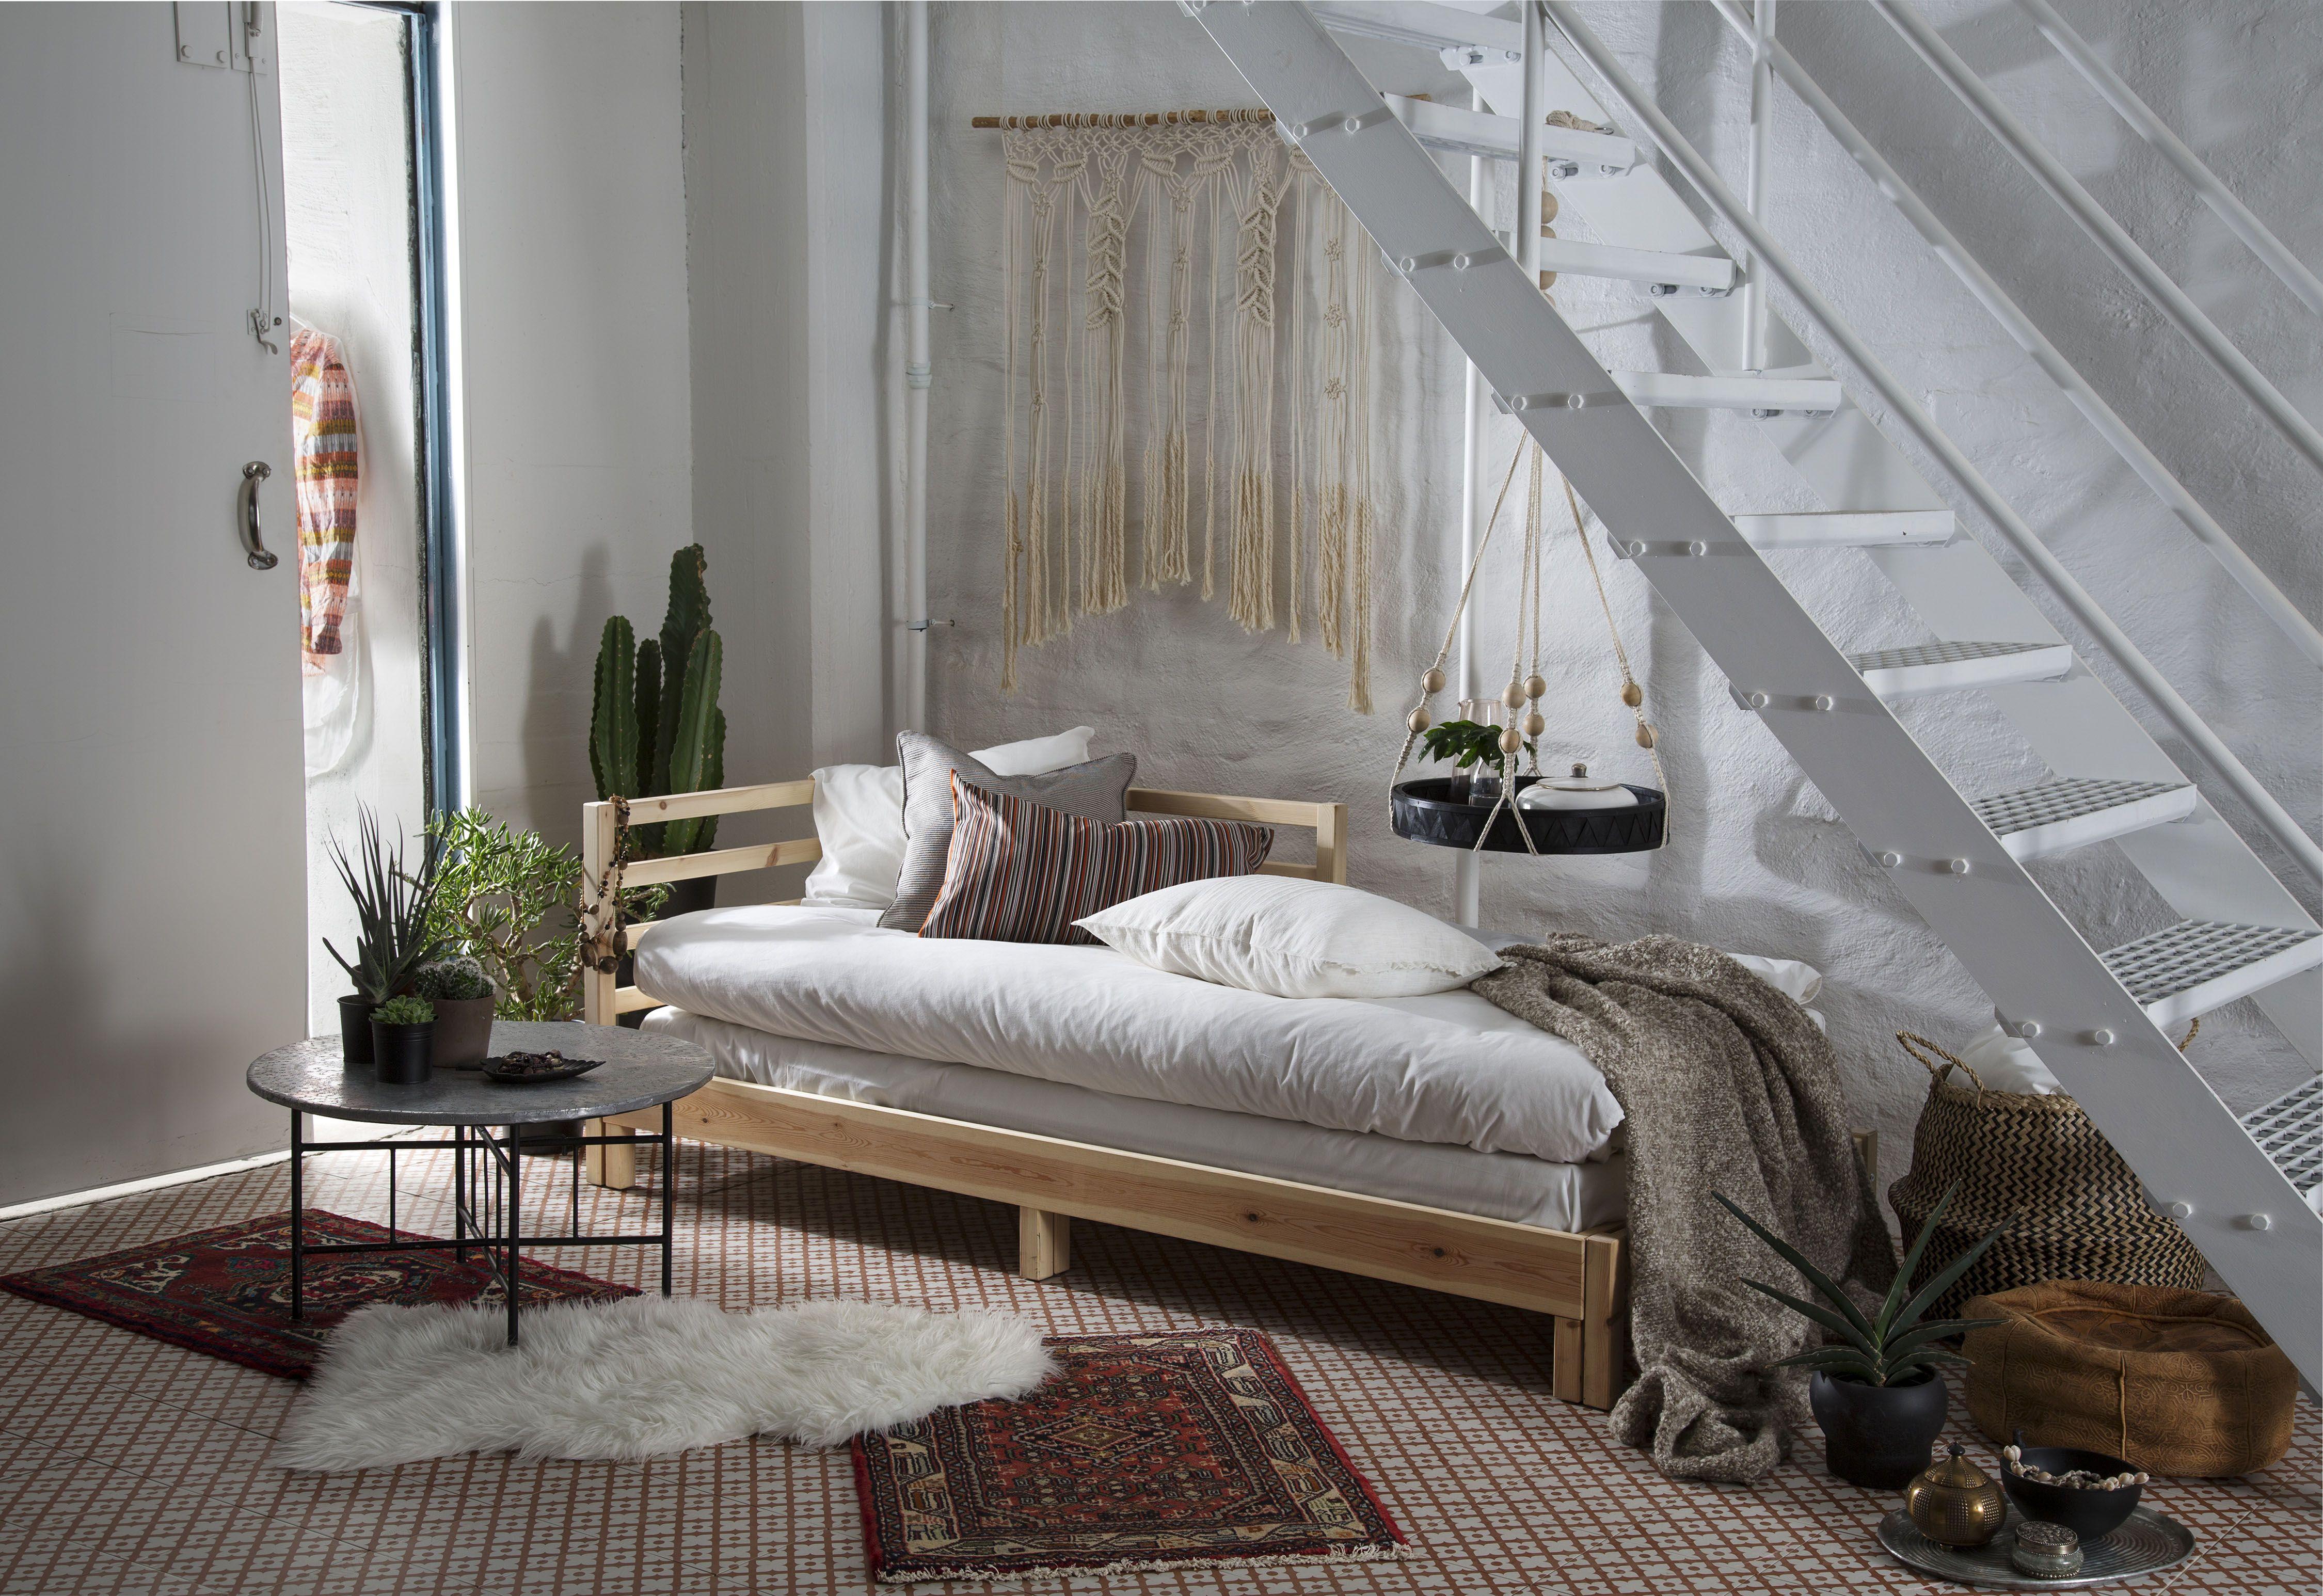 Ikea Tweepersoons Bedbank.Nederland Bedbank Ikea En Meubel Ideeen